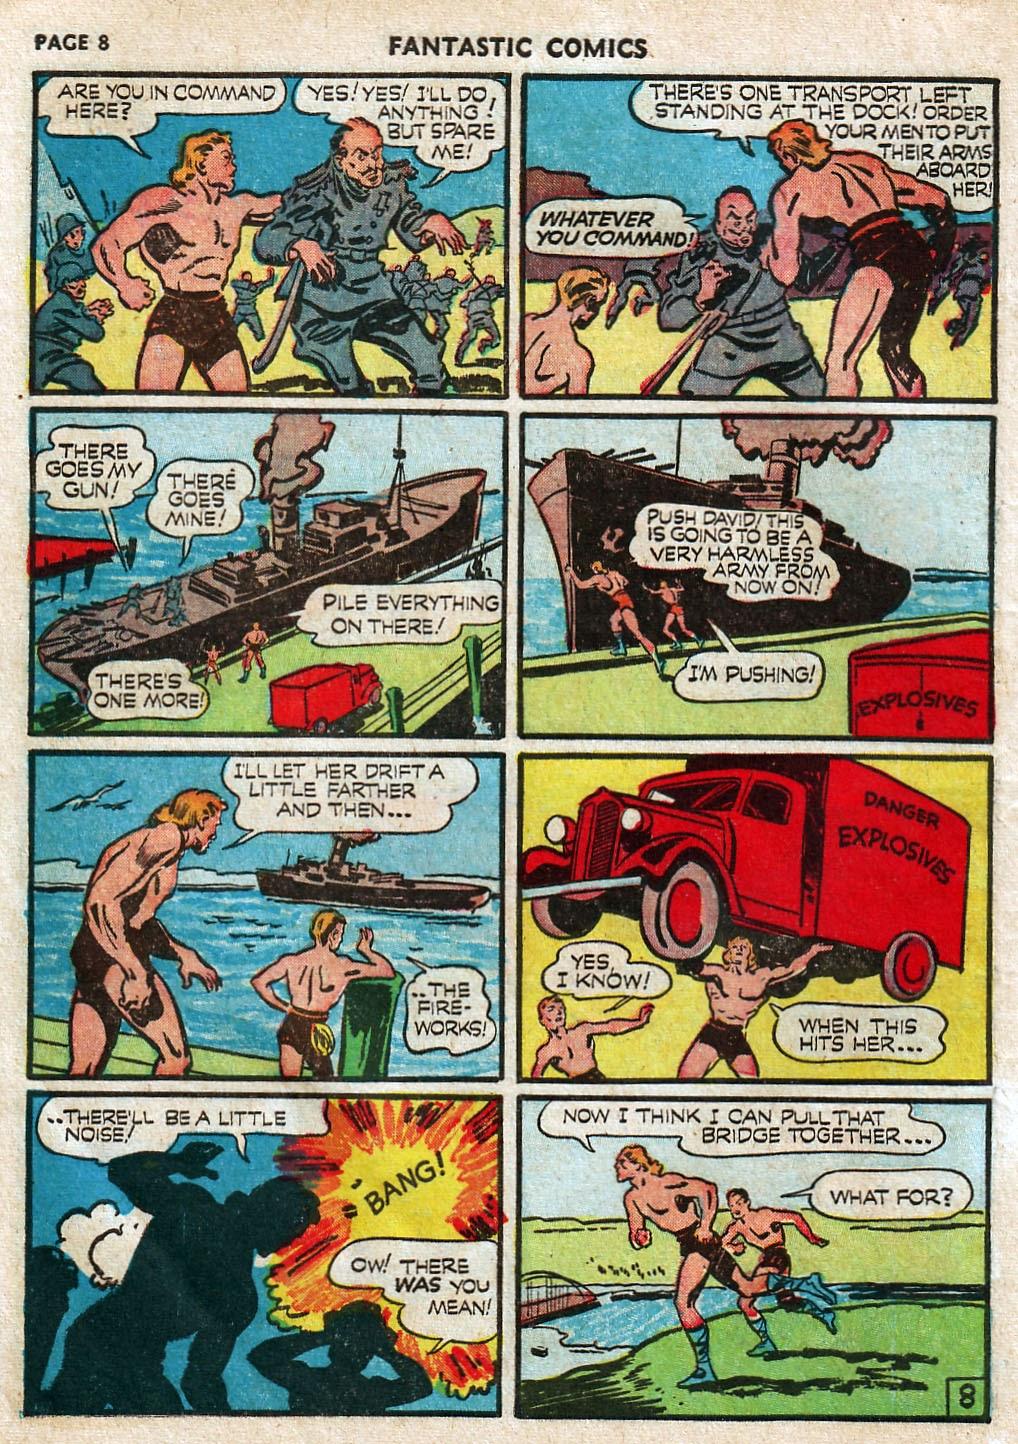 Read online Fantastic Comics comic -  Issue #17 - 10